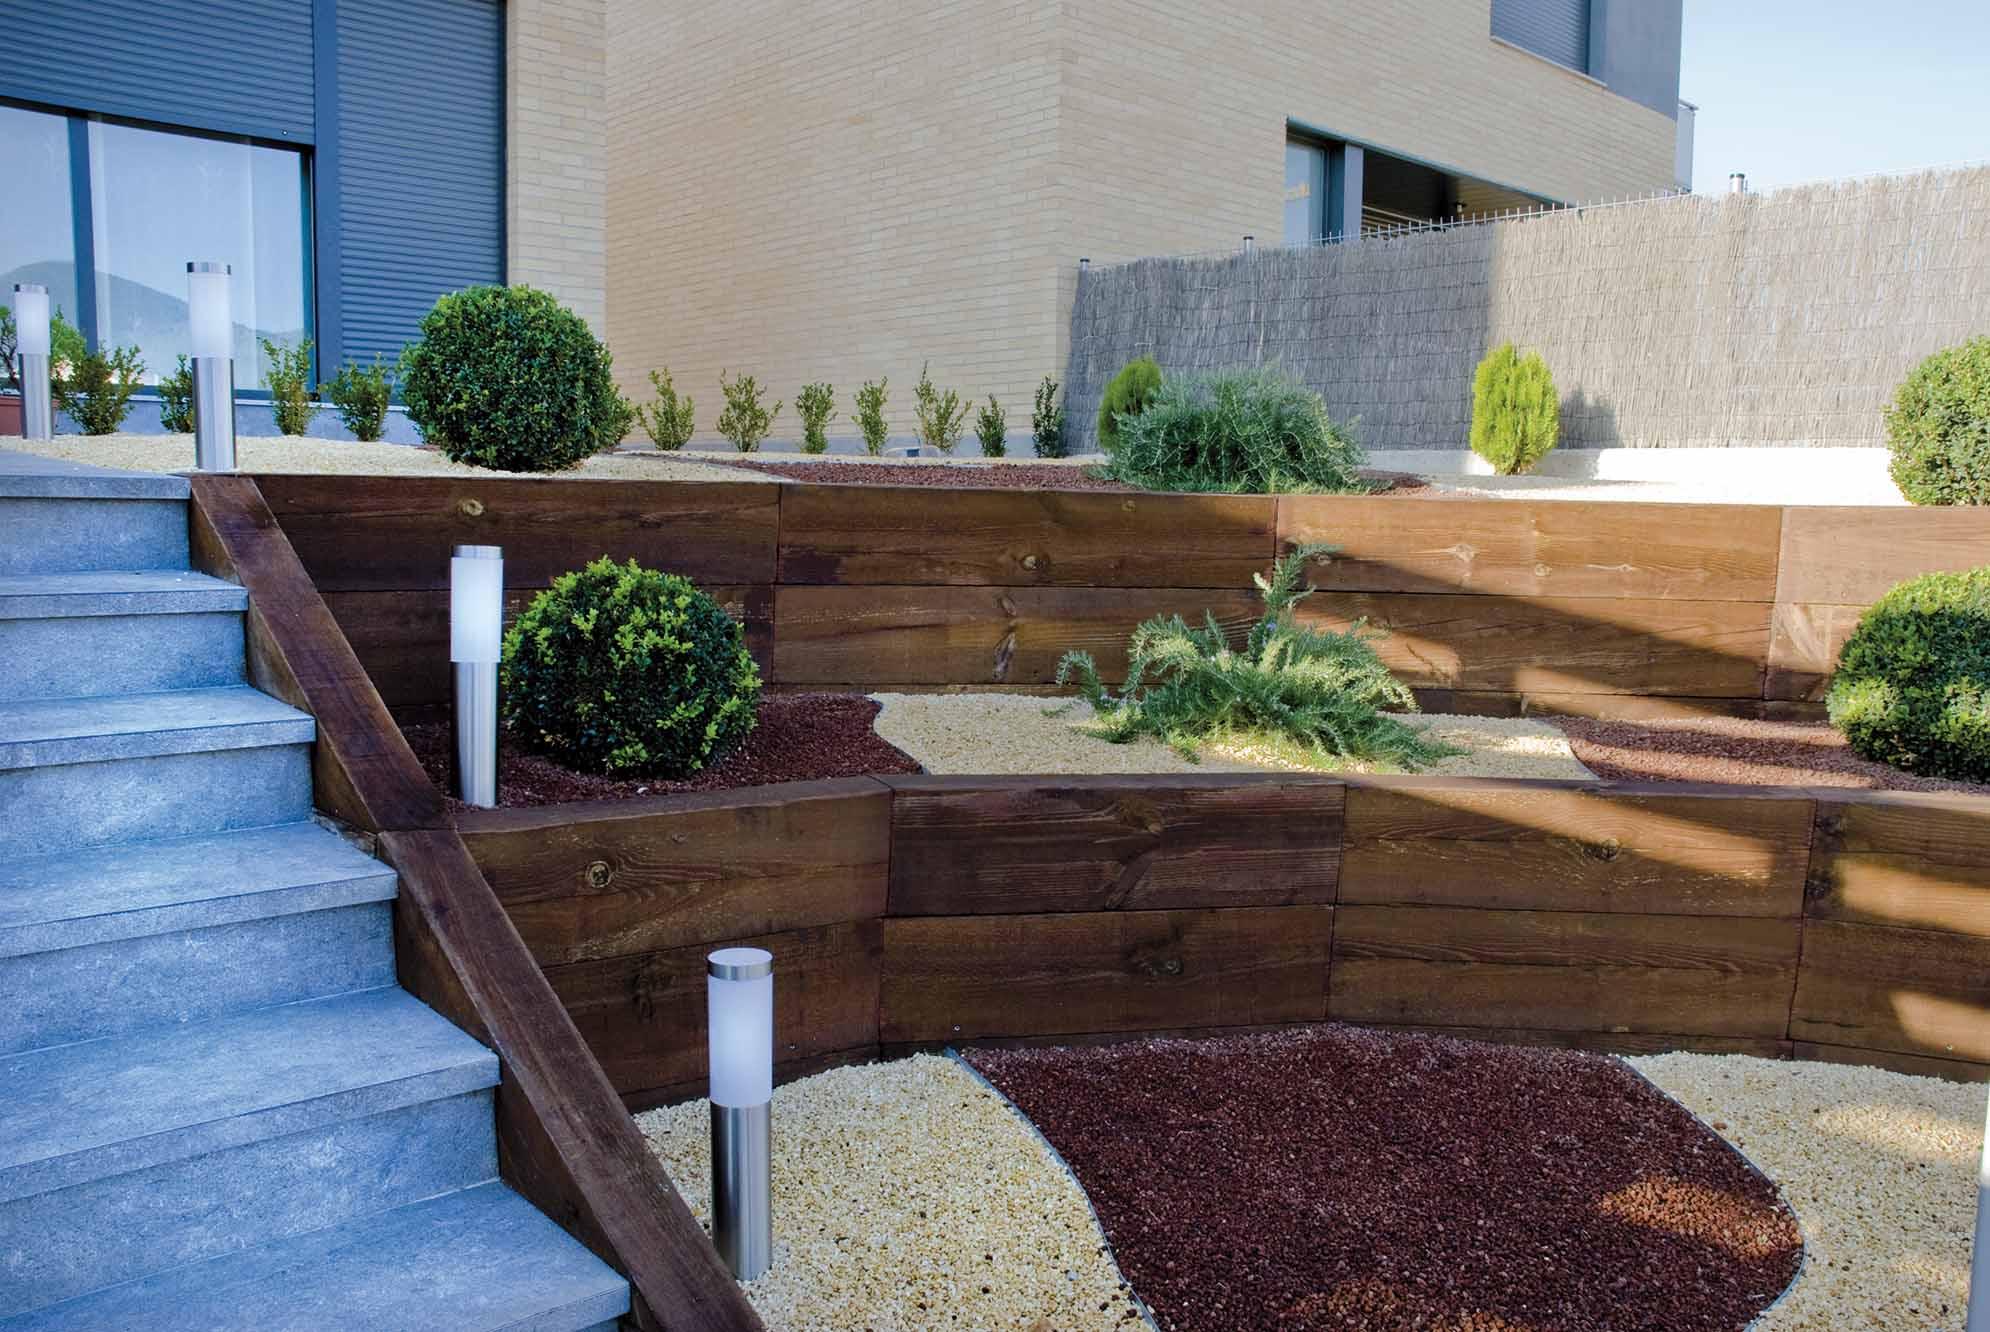 Terrenos dif ciles jardines en desnivel proyectos echarri for Escalera de jardin de madera